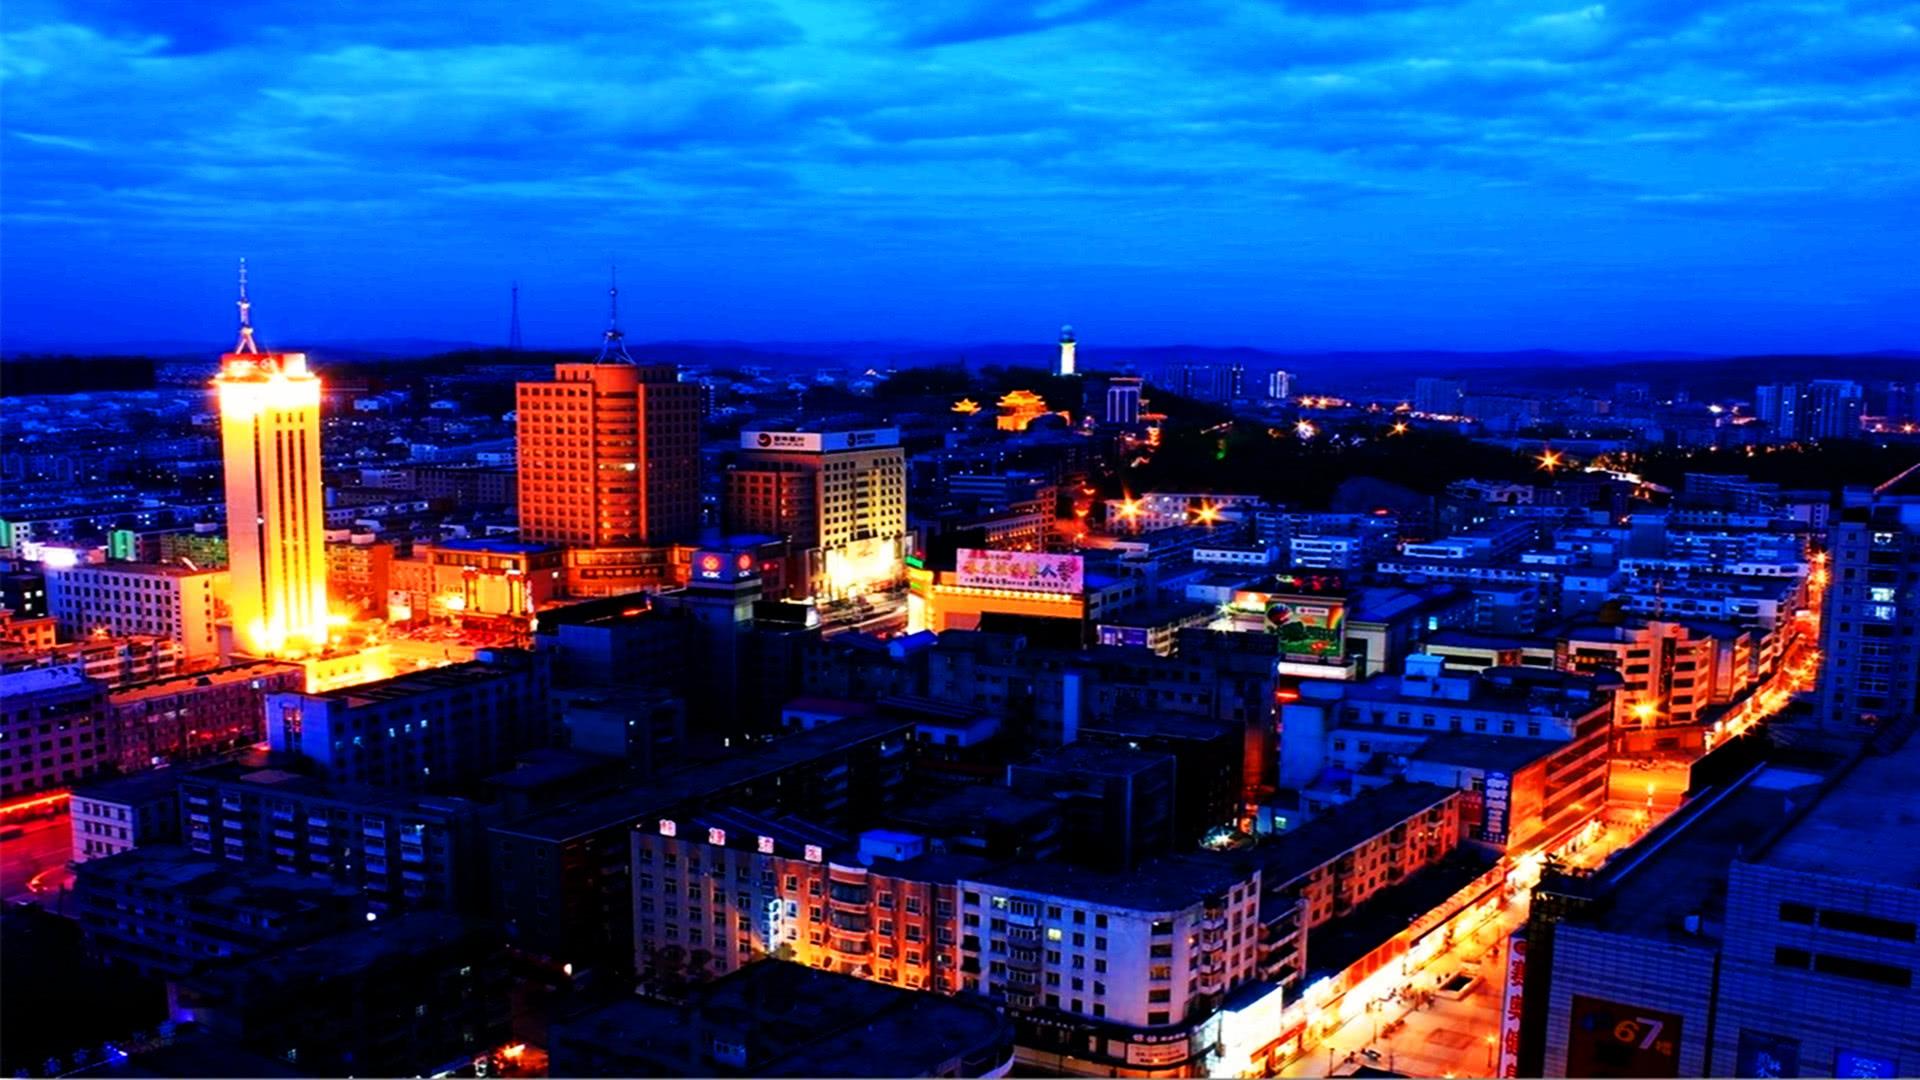 松原市gdp_2019年吉林省地级城市人均GDP排名长春市第一降1.7万元